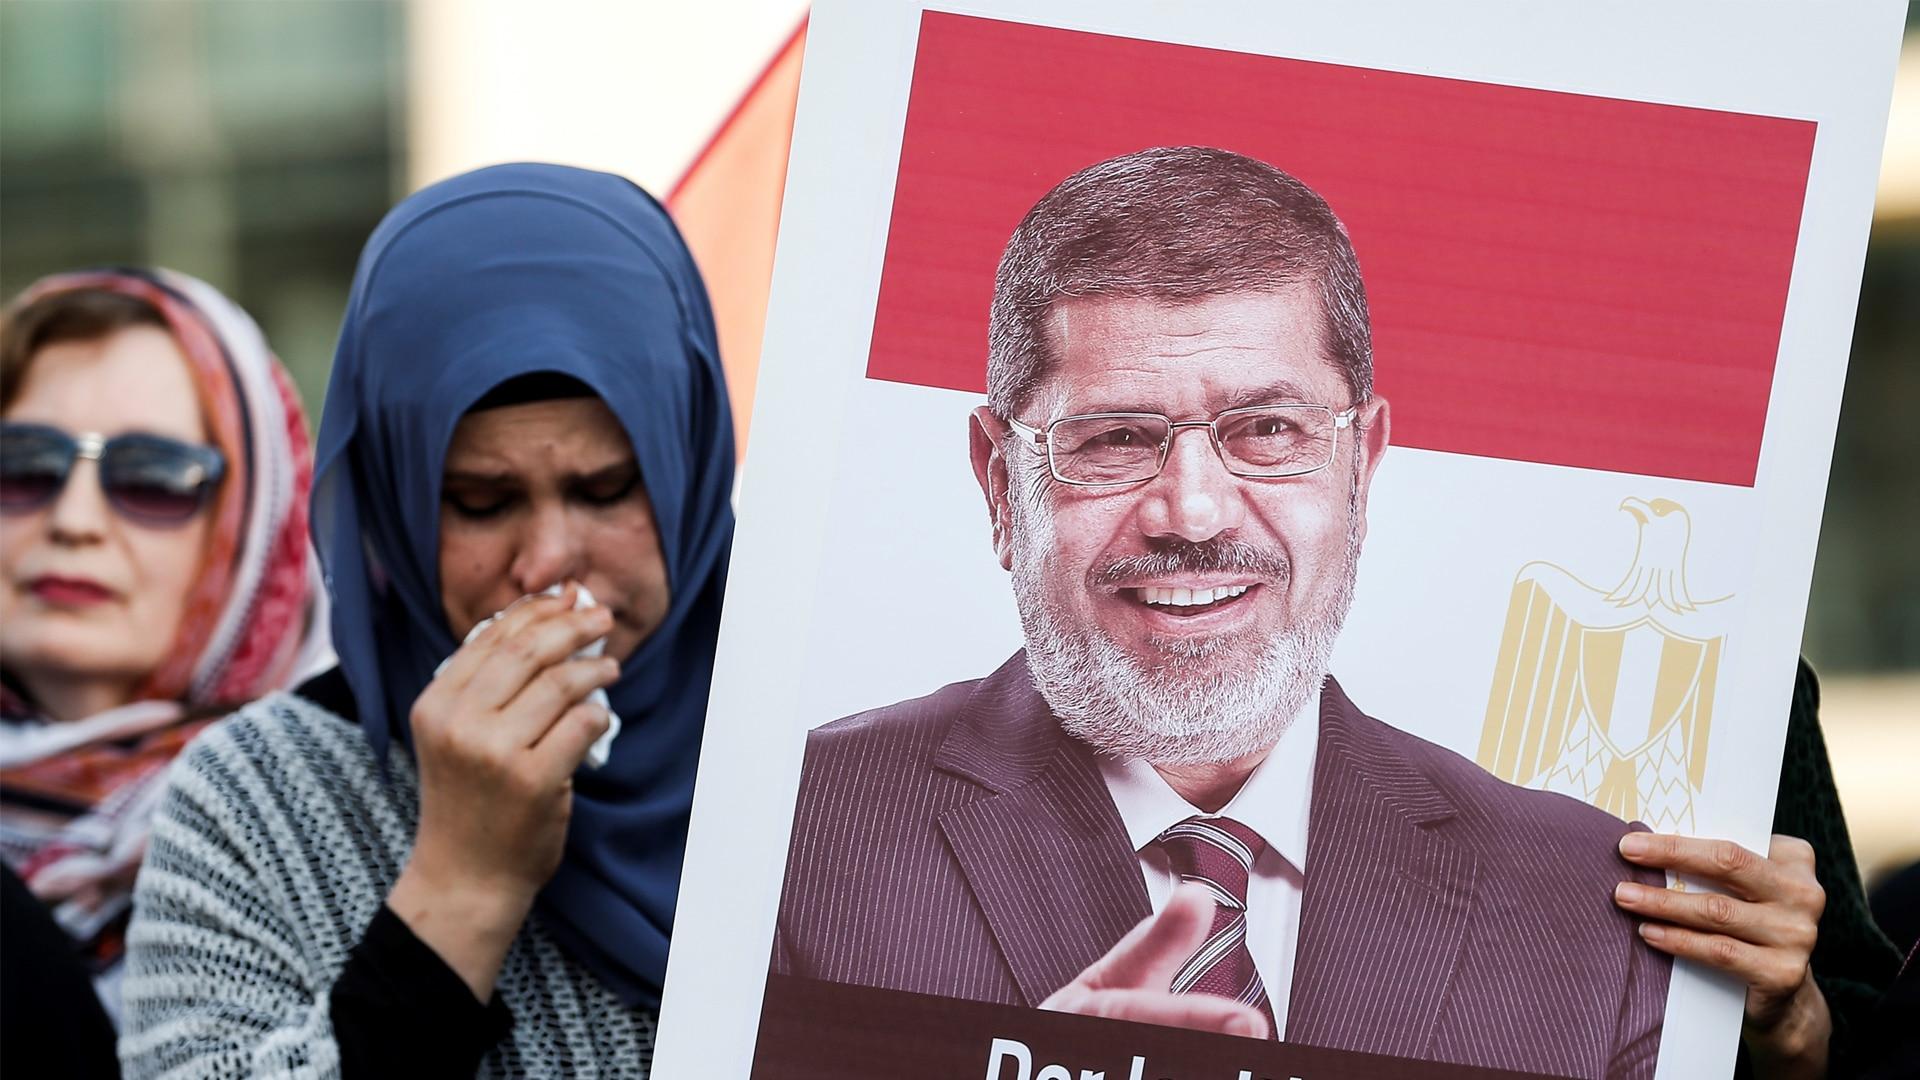 """ذكرى وفاة محمد مرسي الثانية تشعل المواقع """"لا تقتلوا أسود بلادكم فتأكلكم كلاب أعدائكم"""""""